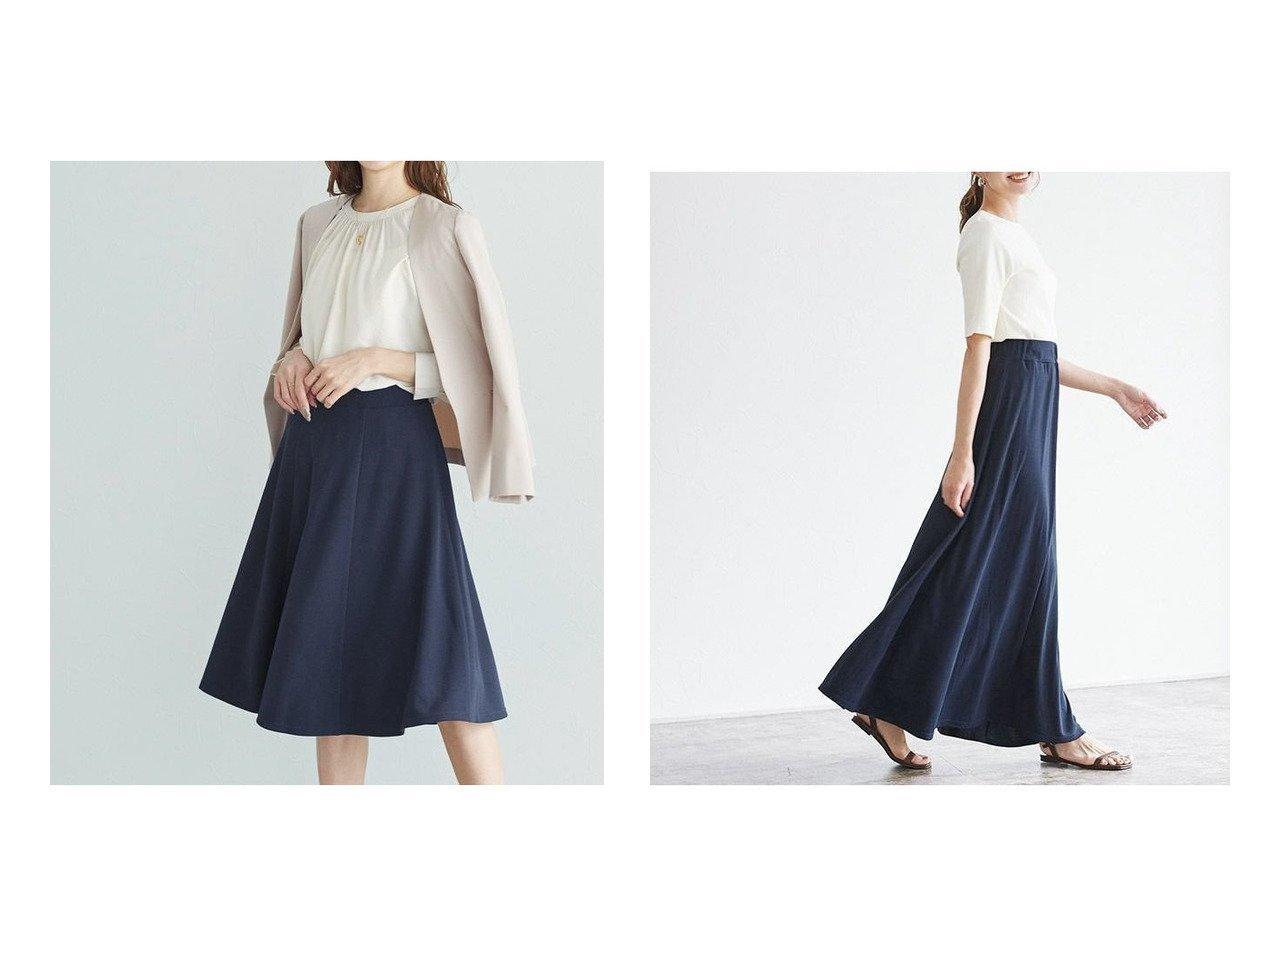 【Pierrot/ピエロ】の選べる2丈シンプル無地マキシスカート[AirySmooth MD&2丈から選べる6面切替フレアスカート おすすめ!人気!プチプライスで上品なファッションアイテムの通販  おすすめで人気の流行・トレンド、ファッションの通販商品 メンズファッション・キッズファッション・インテリア・家具・レディースファッション・服の通販 founy(ファニー) https://founy.com/ ファッション Fashion レディースファッション WOMEN スカート Skirt Aライン/フレアスカート Flared A-Line Skirts シンプル フェミニン フレア プチプライス・低価格 Affordable マキシ 無地 切替 ジャージ ドレープ 定番 Standard フラット ベーシック ミドル ロング |ID:crp329100000021217